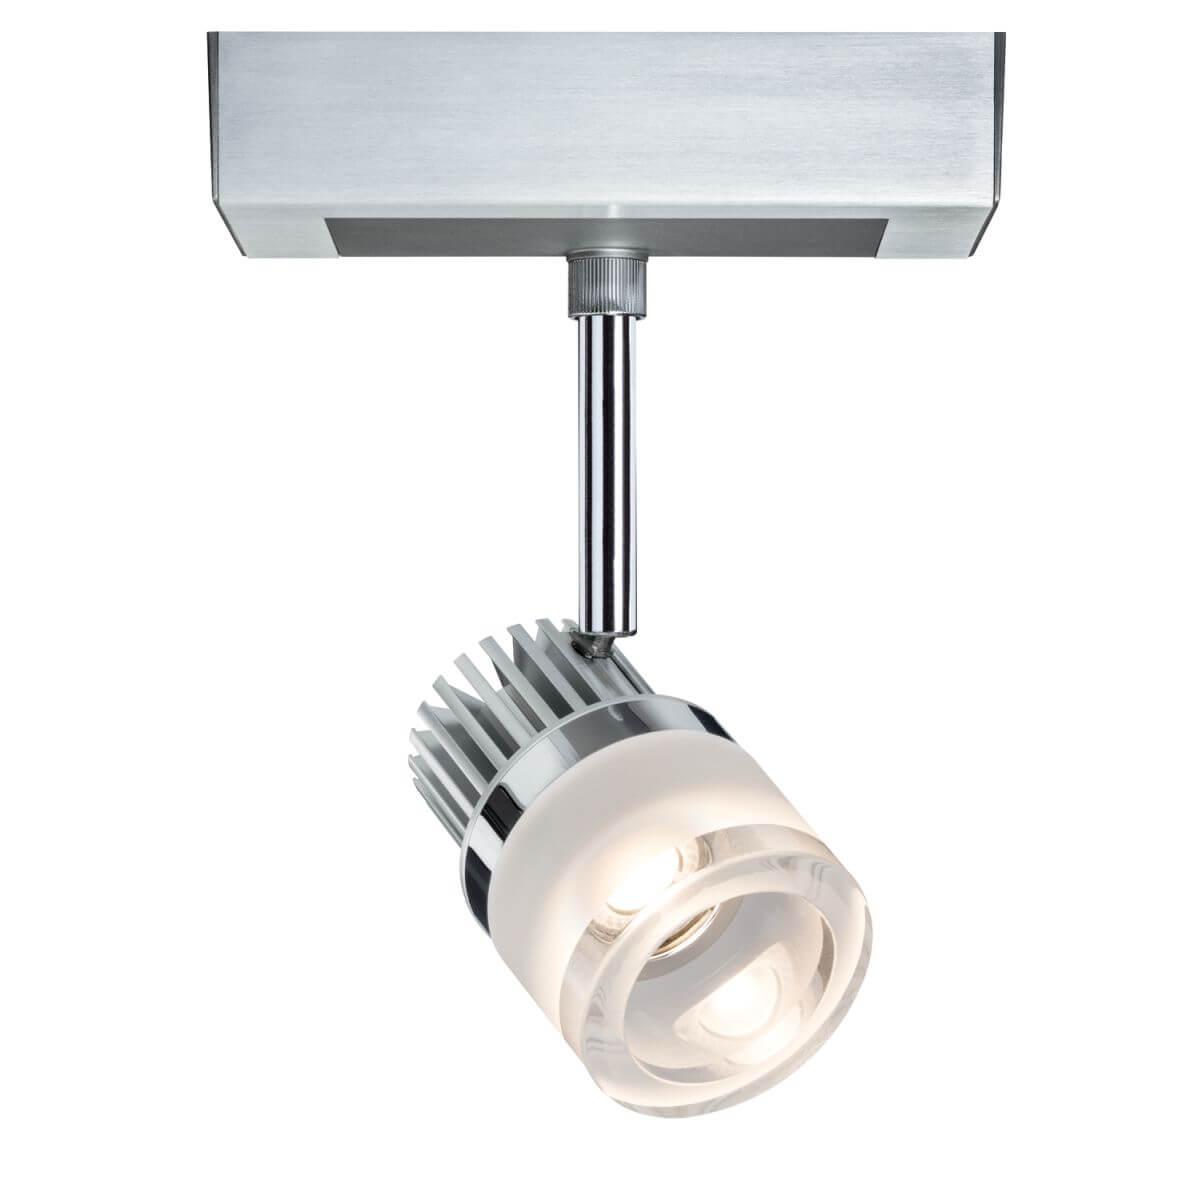 Paulmann VariLine LED Spot GlasTube für VariLine 2-Phasen-Schienensystem